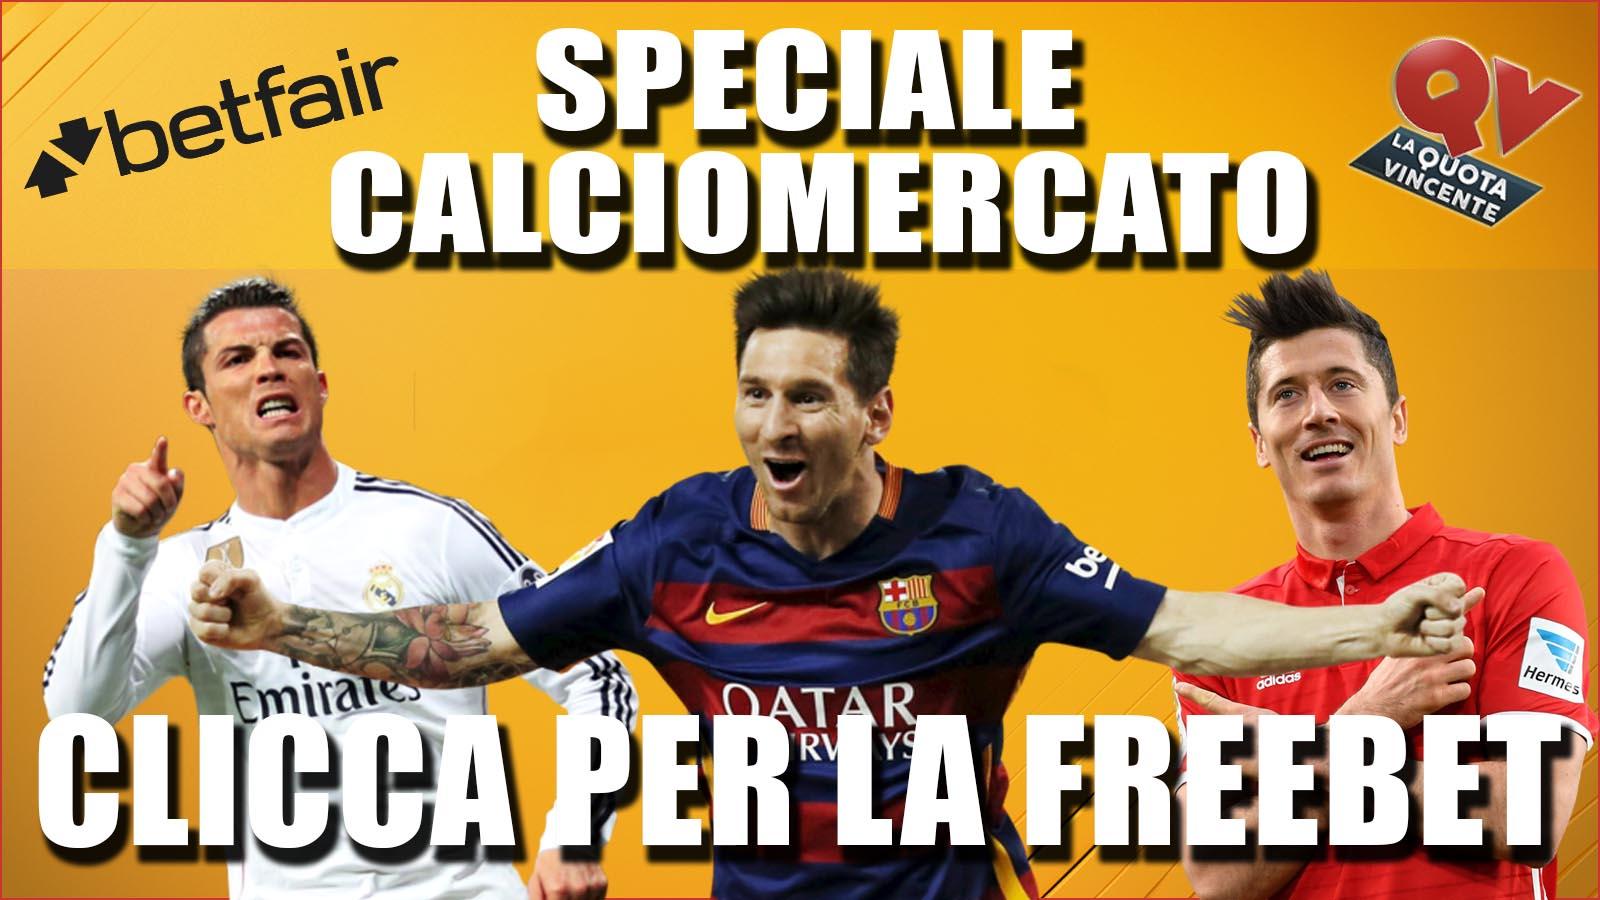 speciale-calciomercato-blab-milano-sportitalia